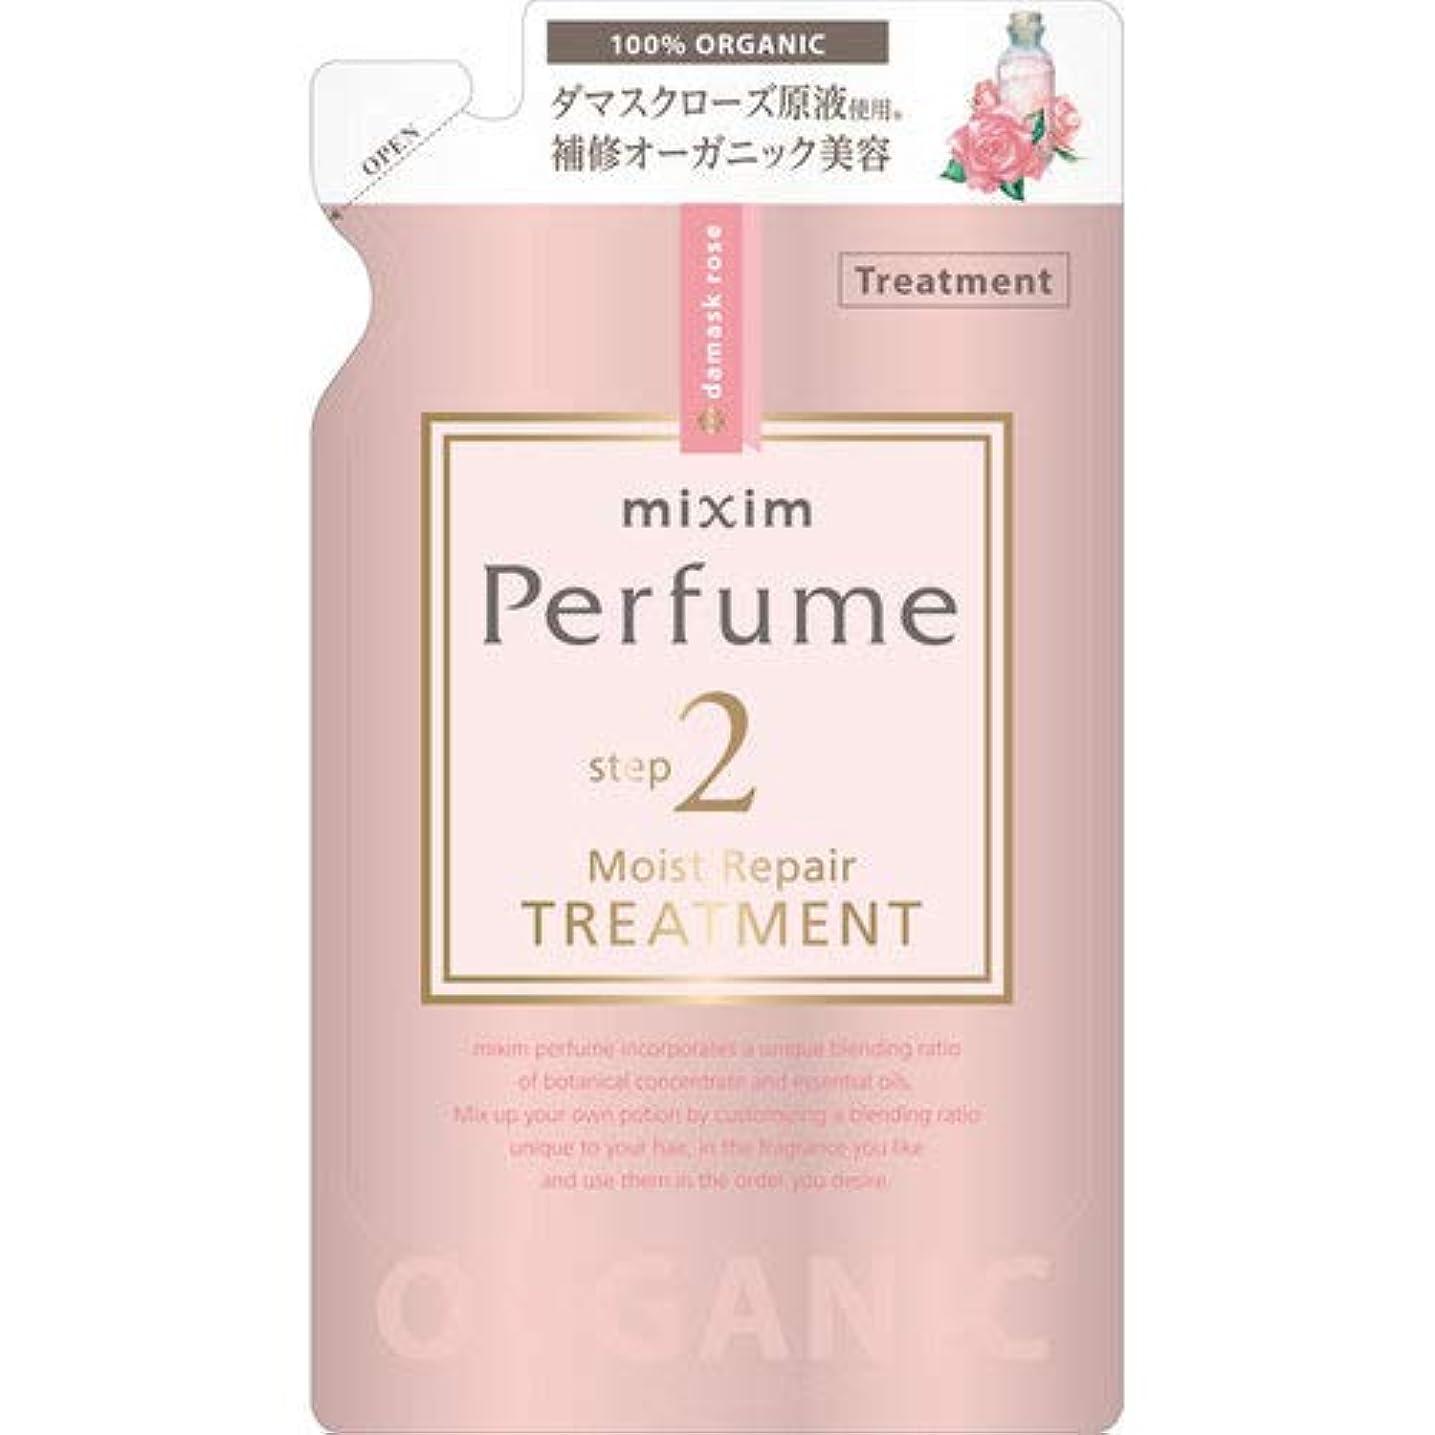 野生知性ほとんどないmixim Perfume(ミクシムパフューム) モイストリペア ヘアトリートメントつめかえ用 350g